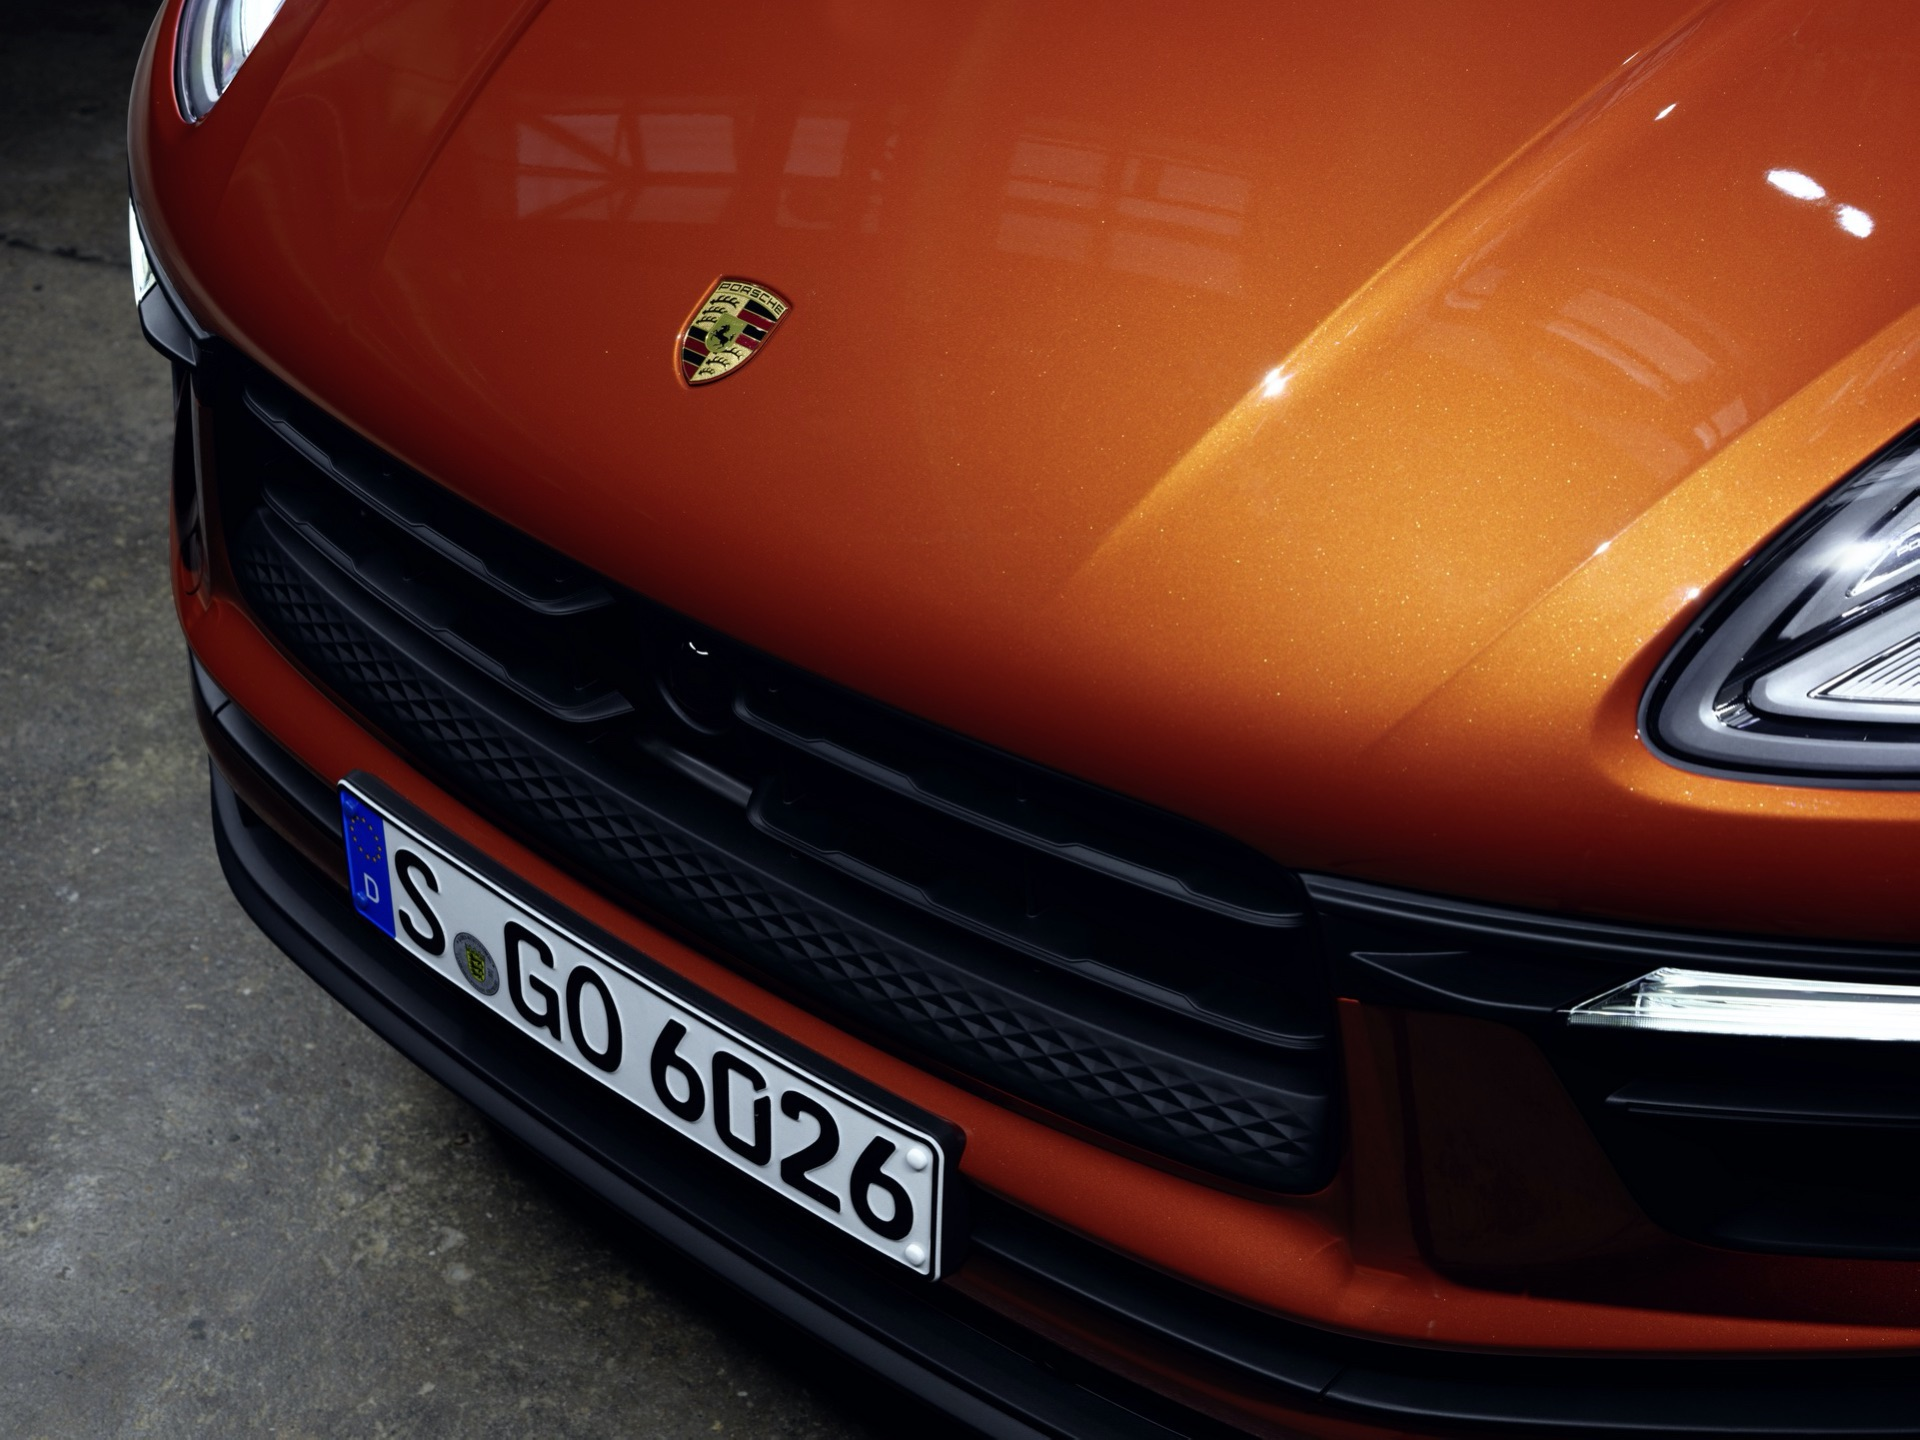 Porsche-Macan-Facelift-30